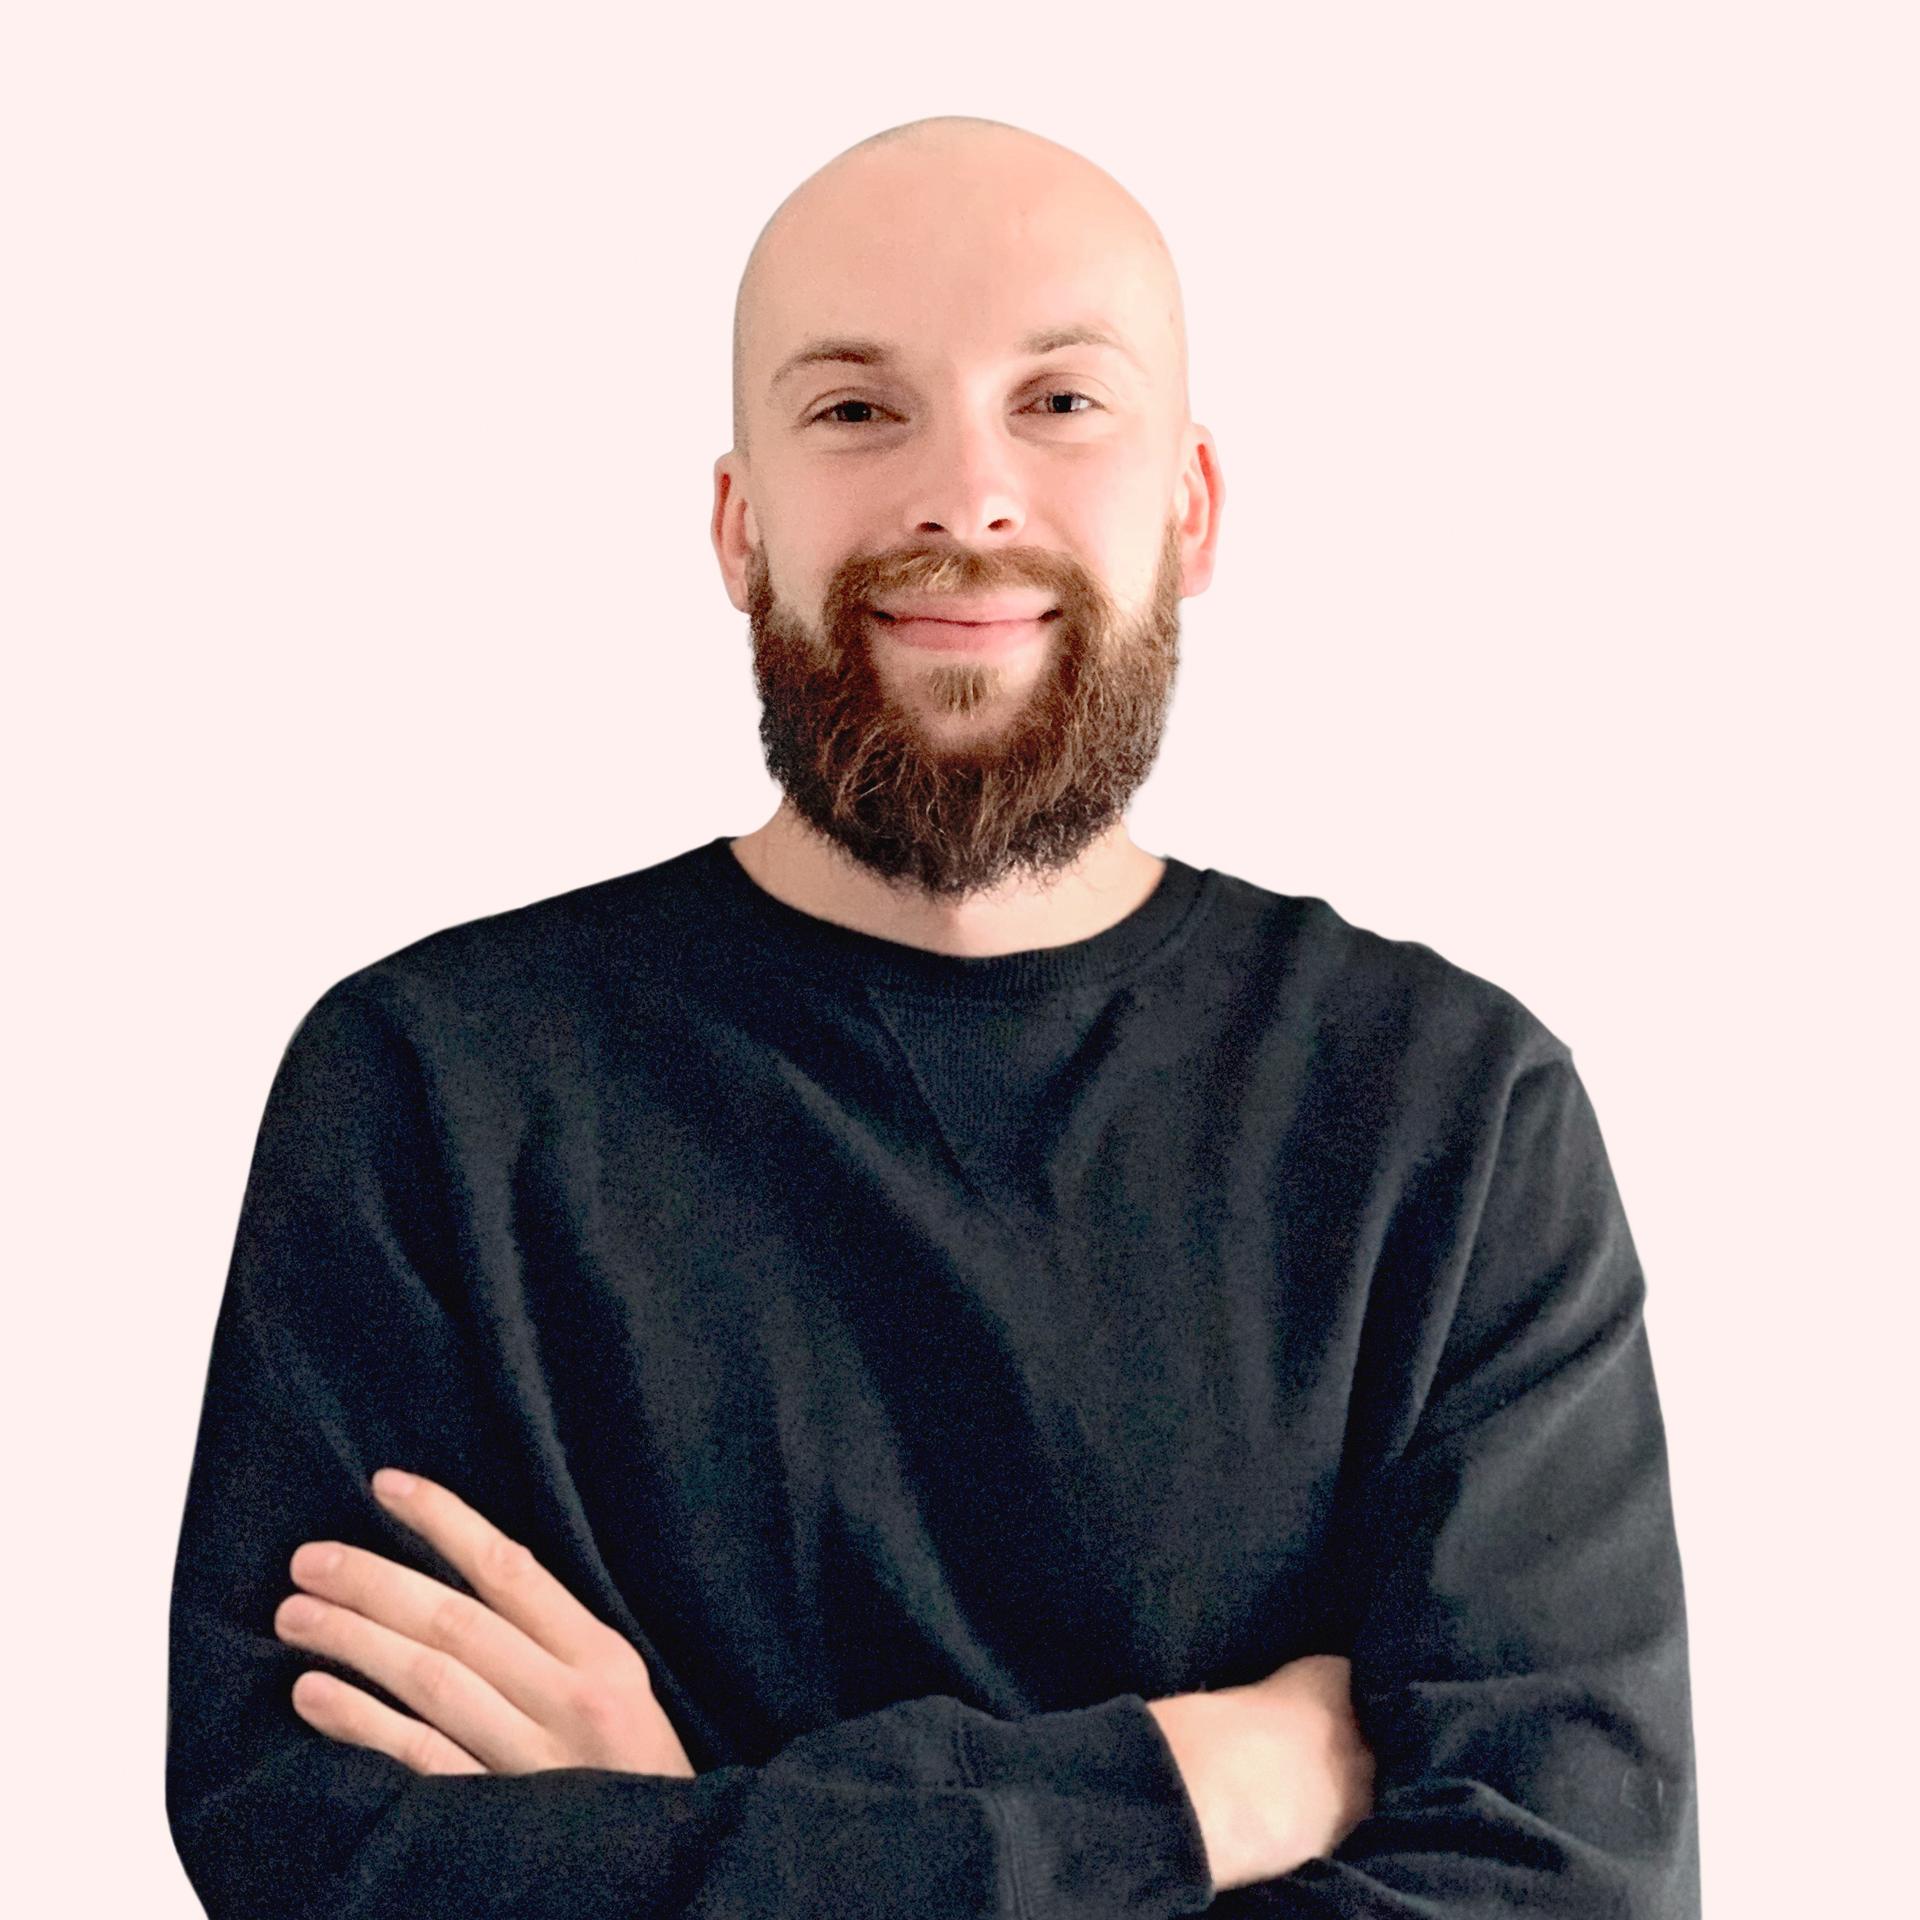 Volodymyr Mazurets